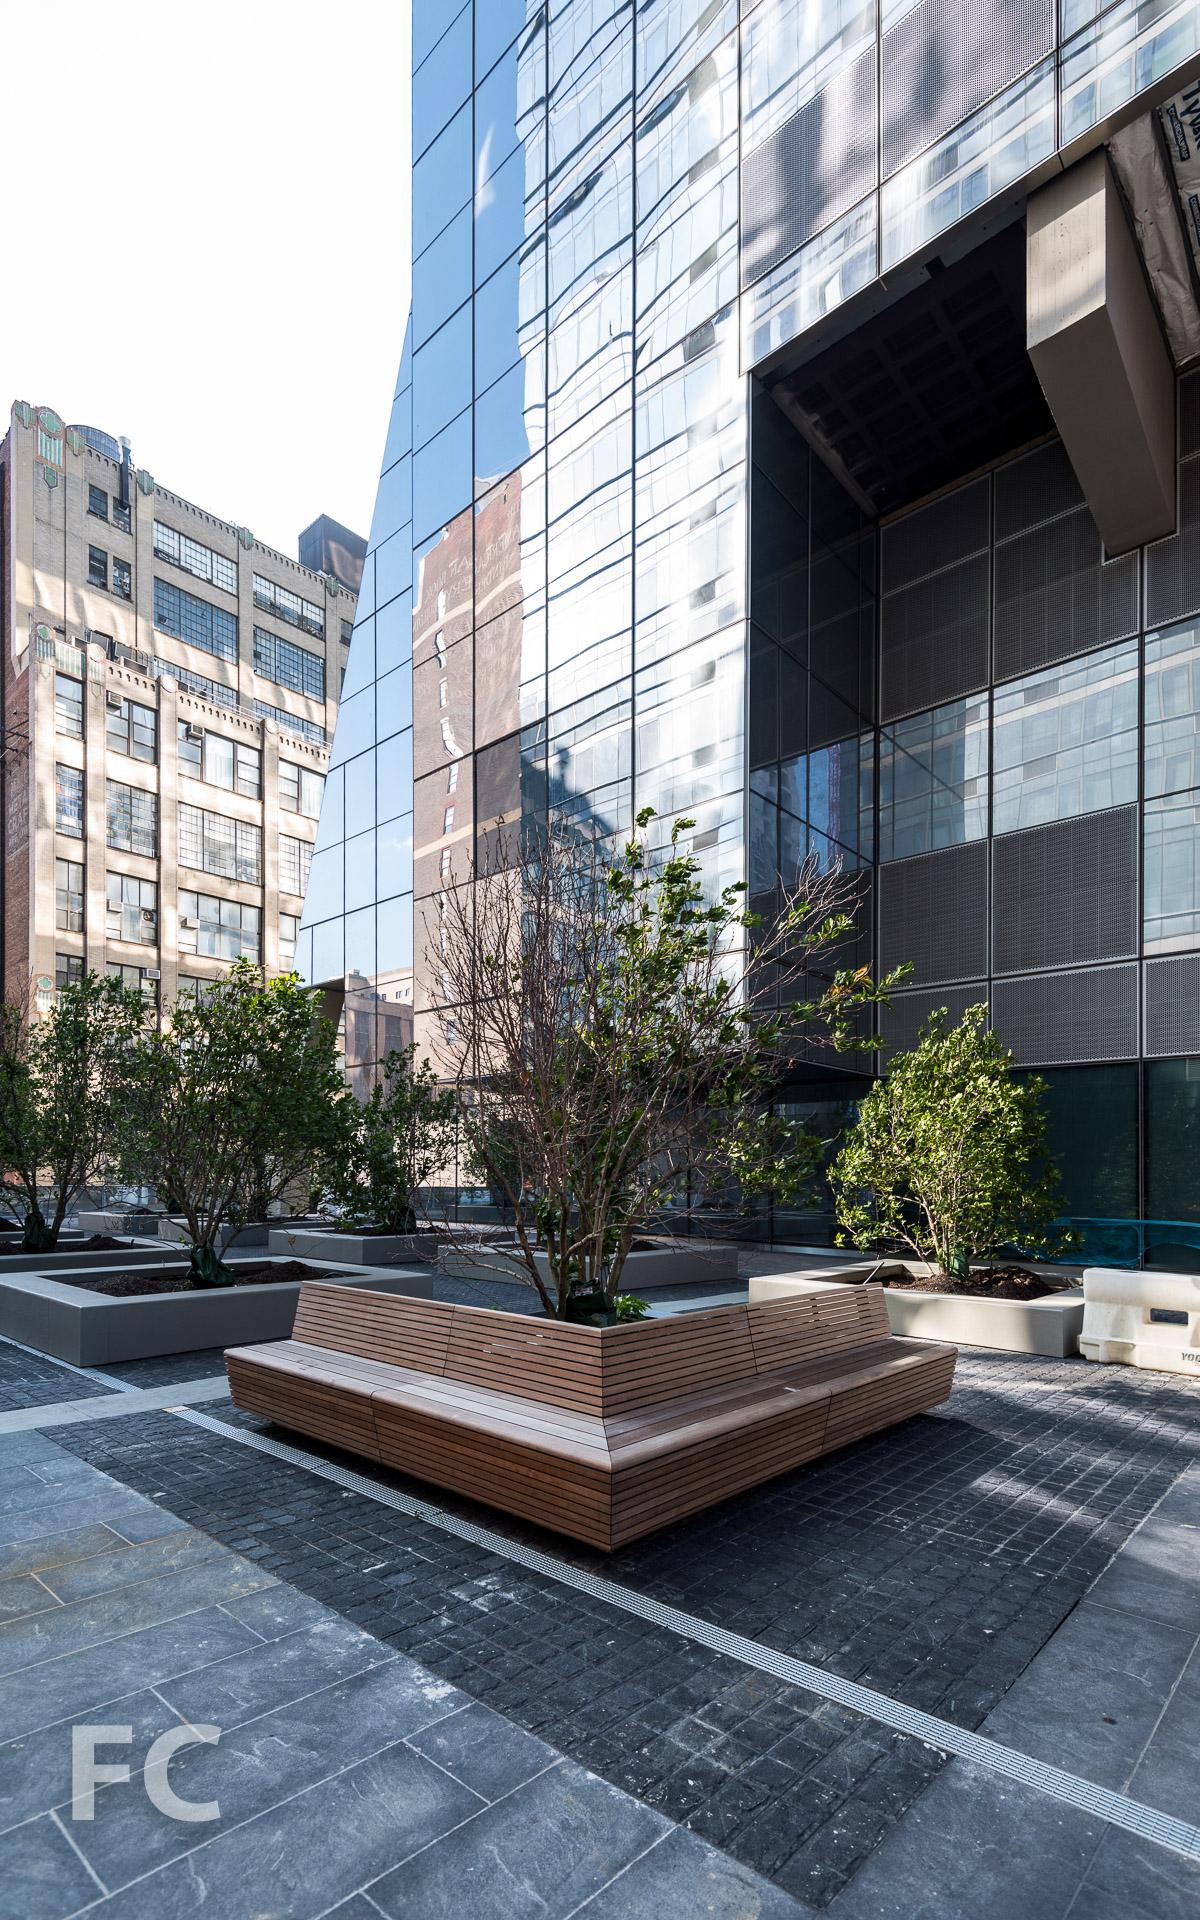 2017_09_04-Manhattan West-DSC_9443.jpg